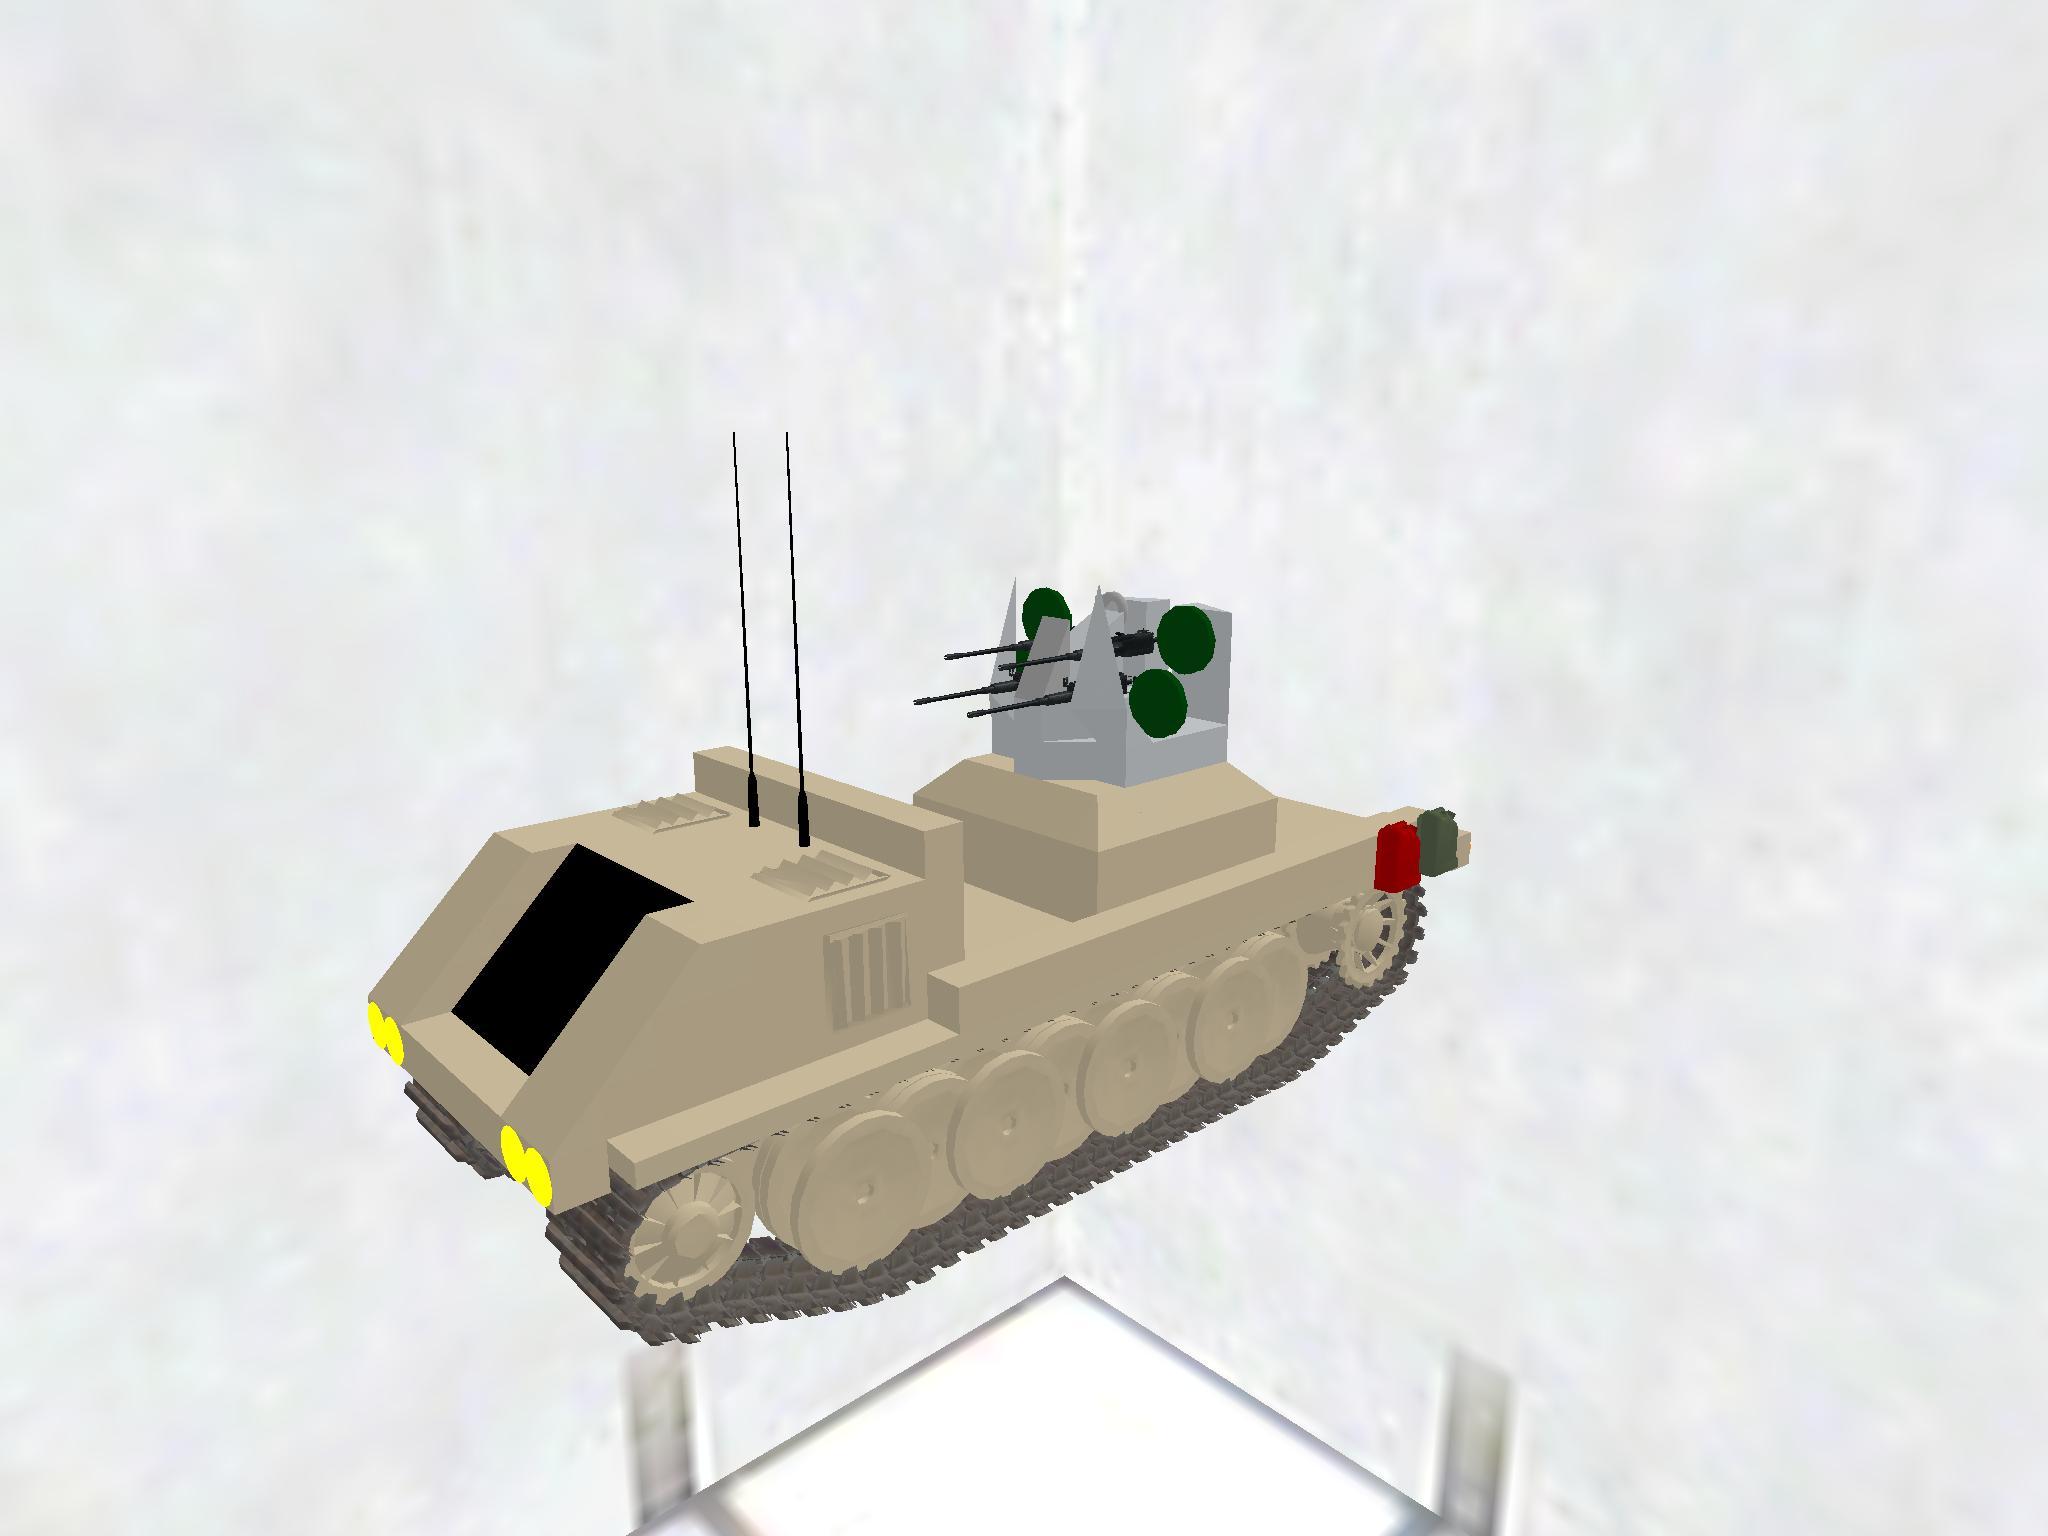 4x1 HMG truck